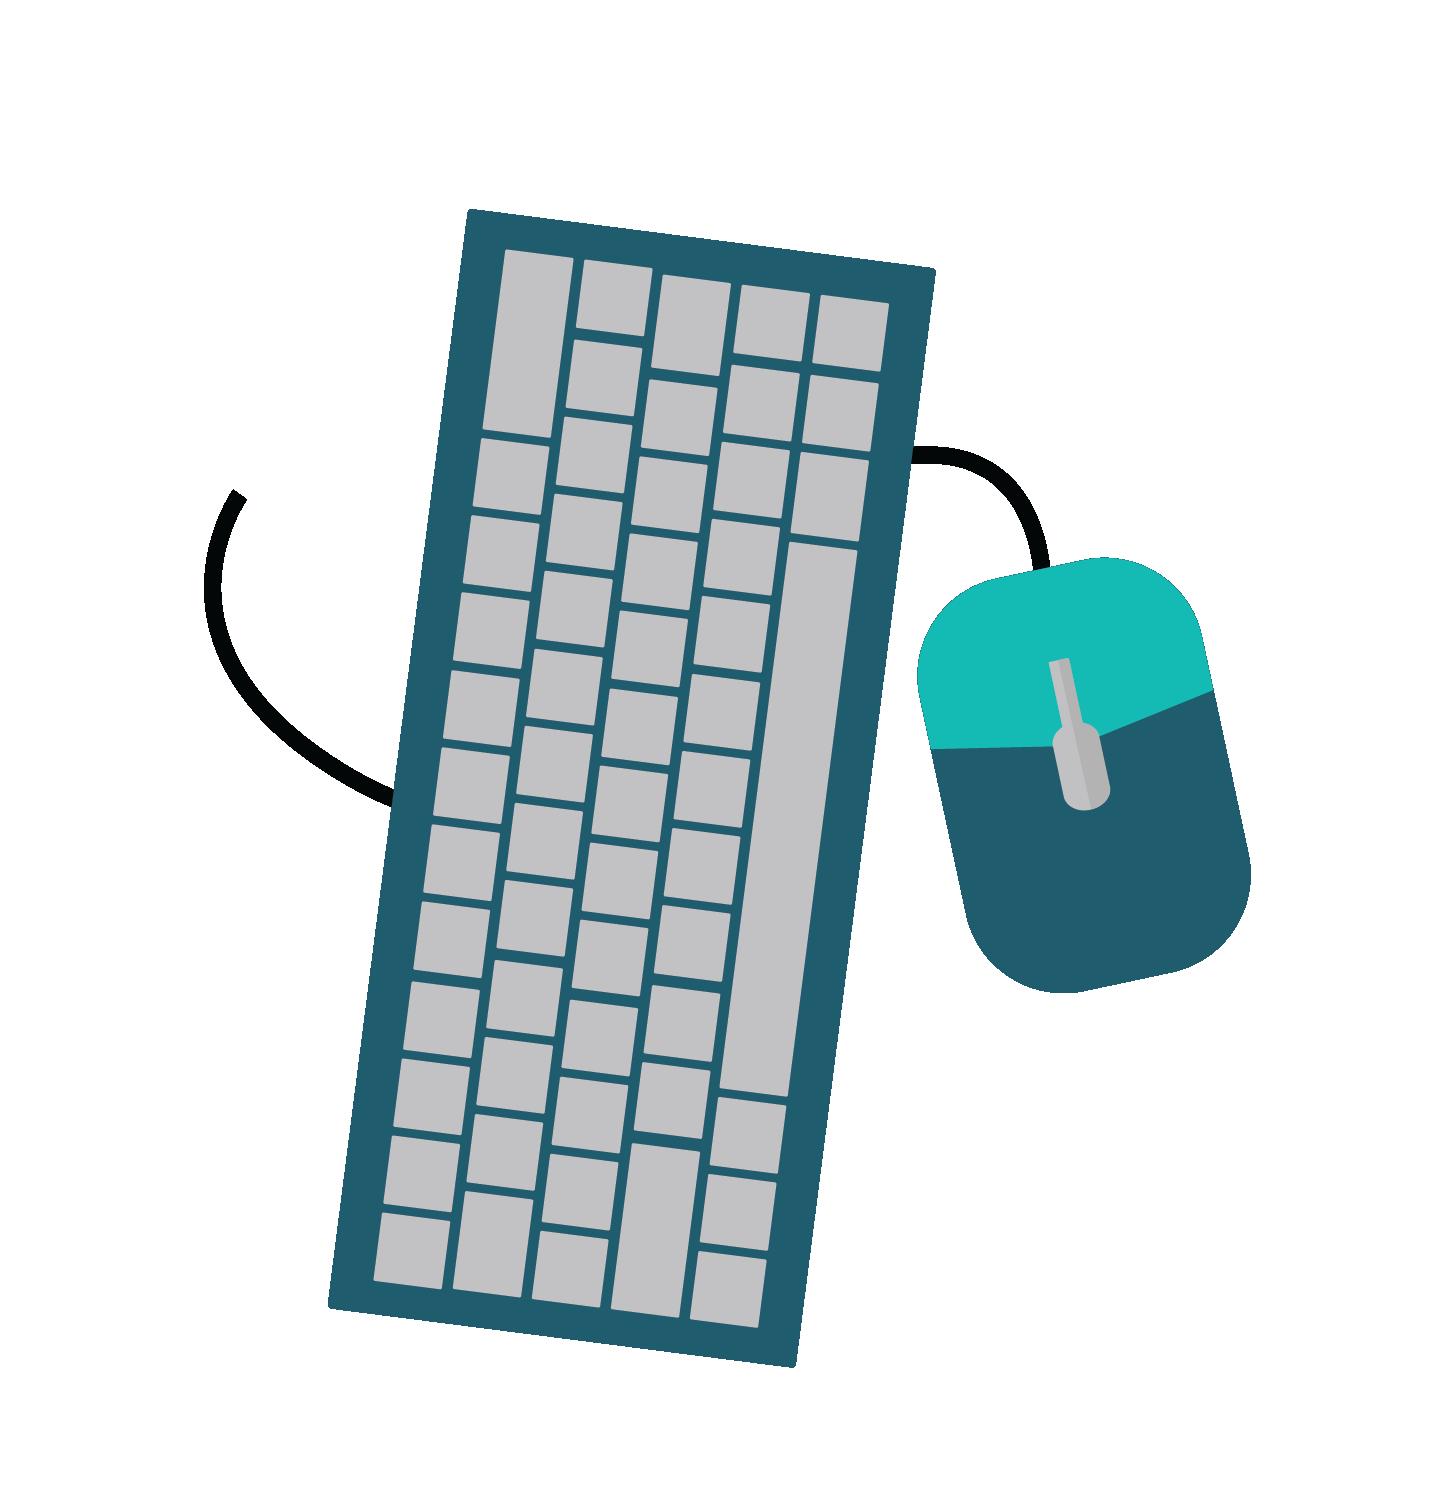 DesignAssistGraphic